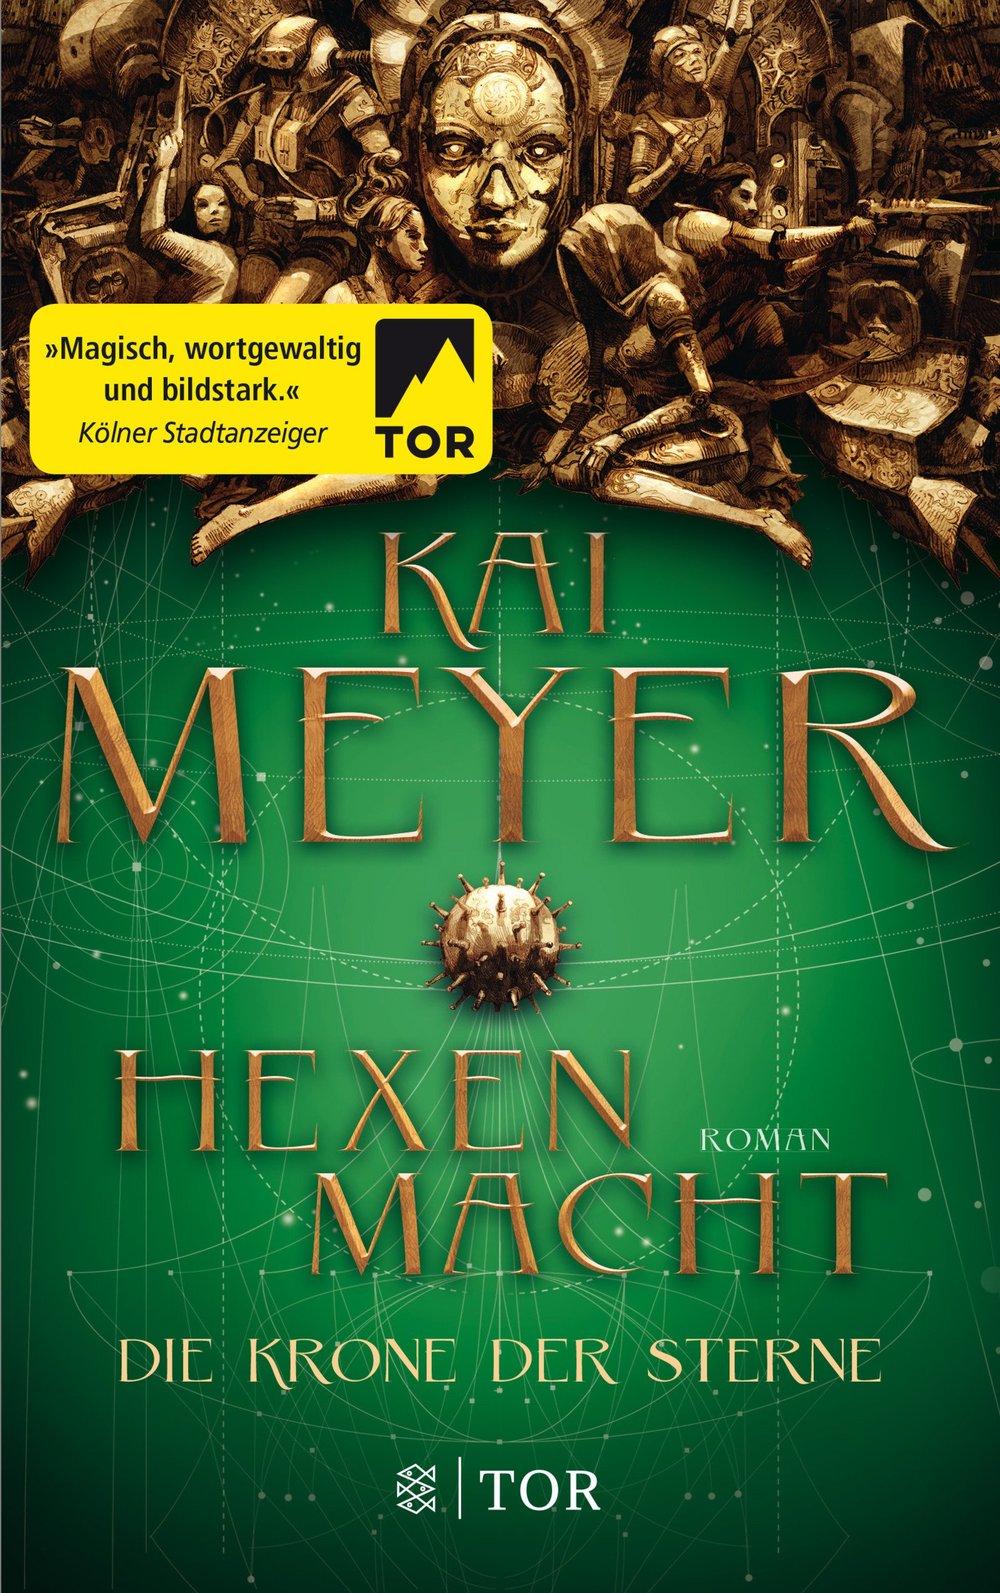 Hexenmacht-Die-Krone-der-Sterne_Kai-Meyer.jpg